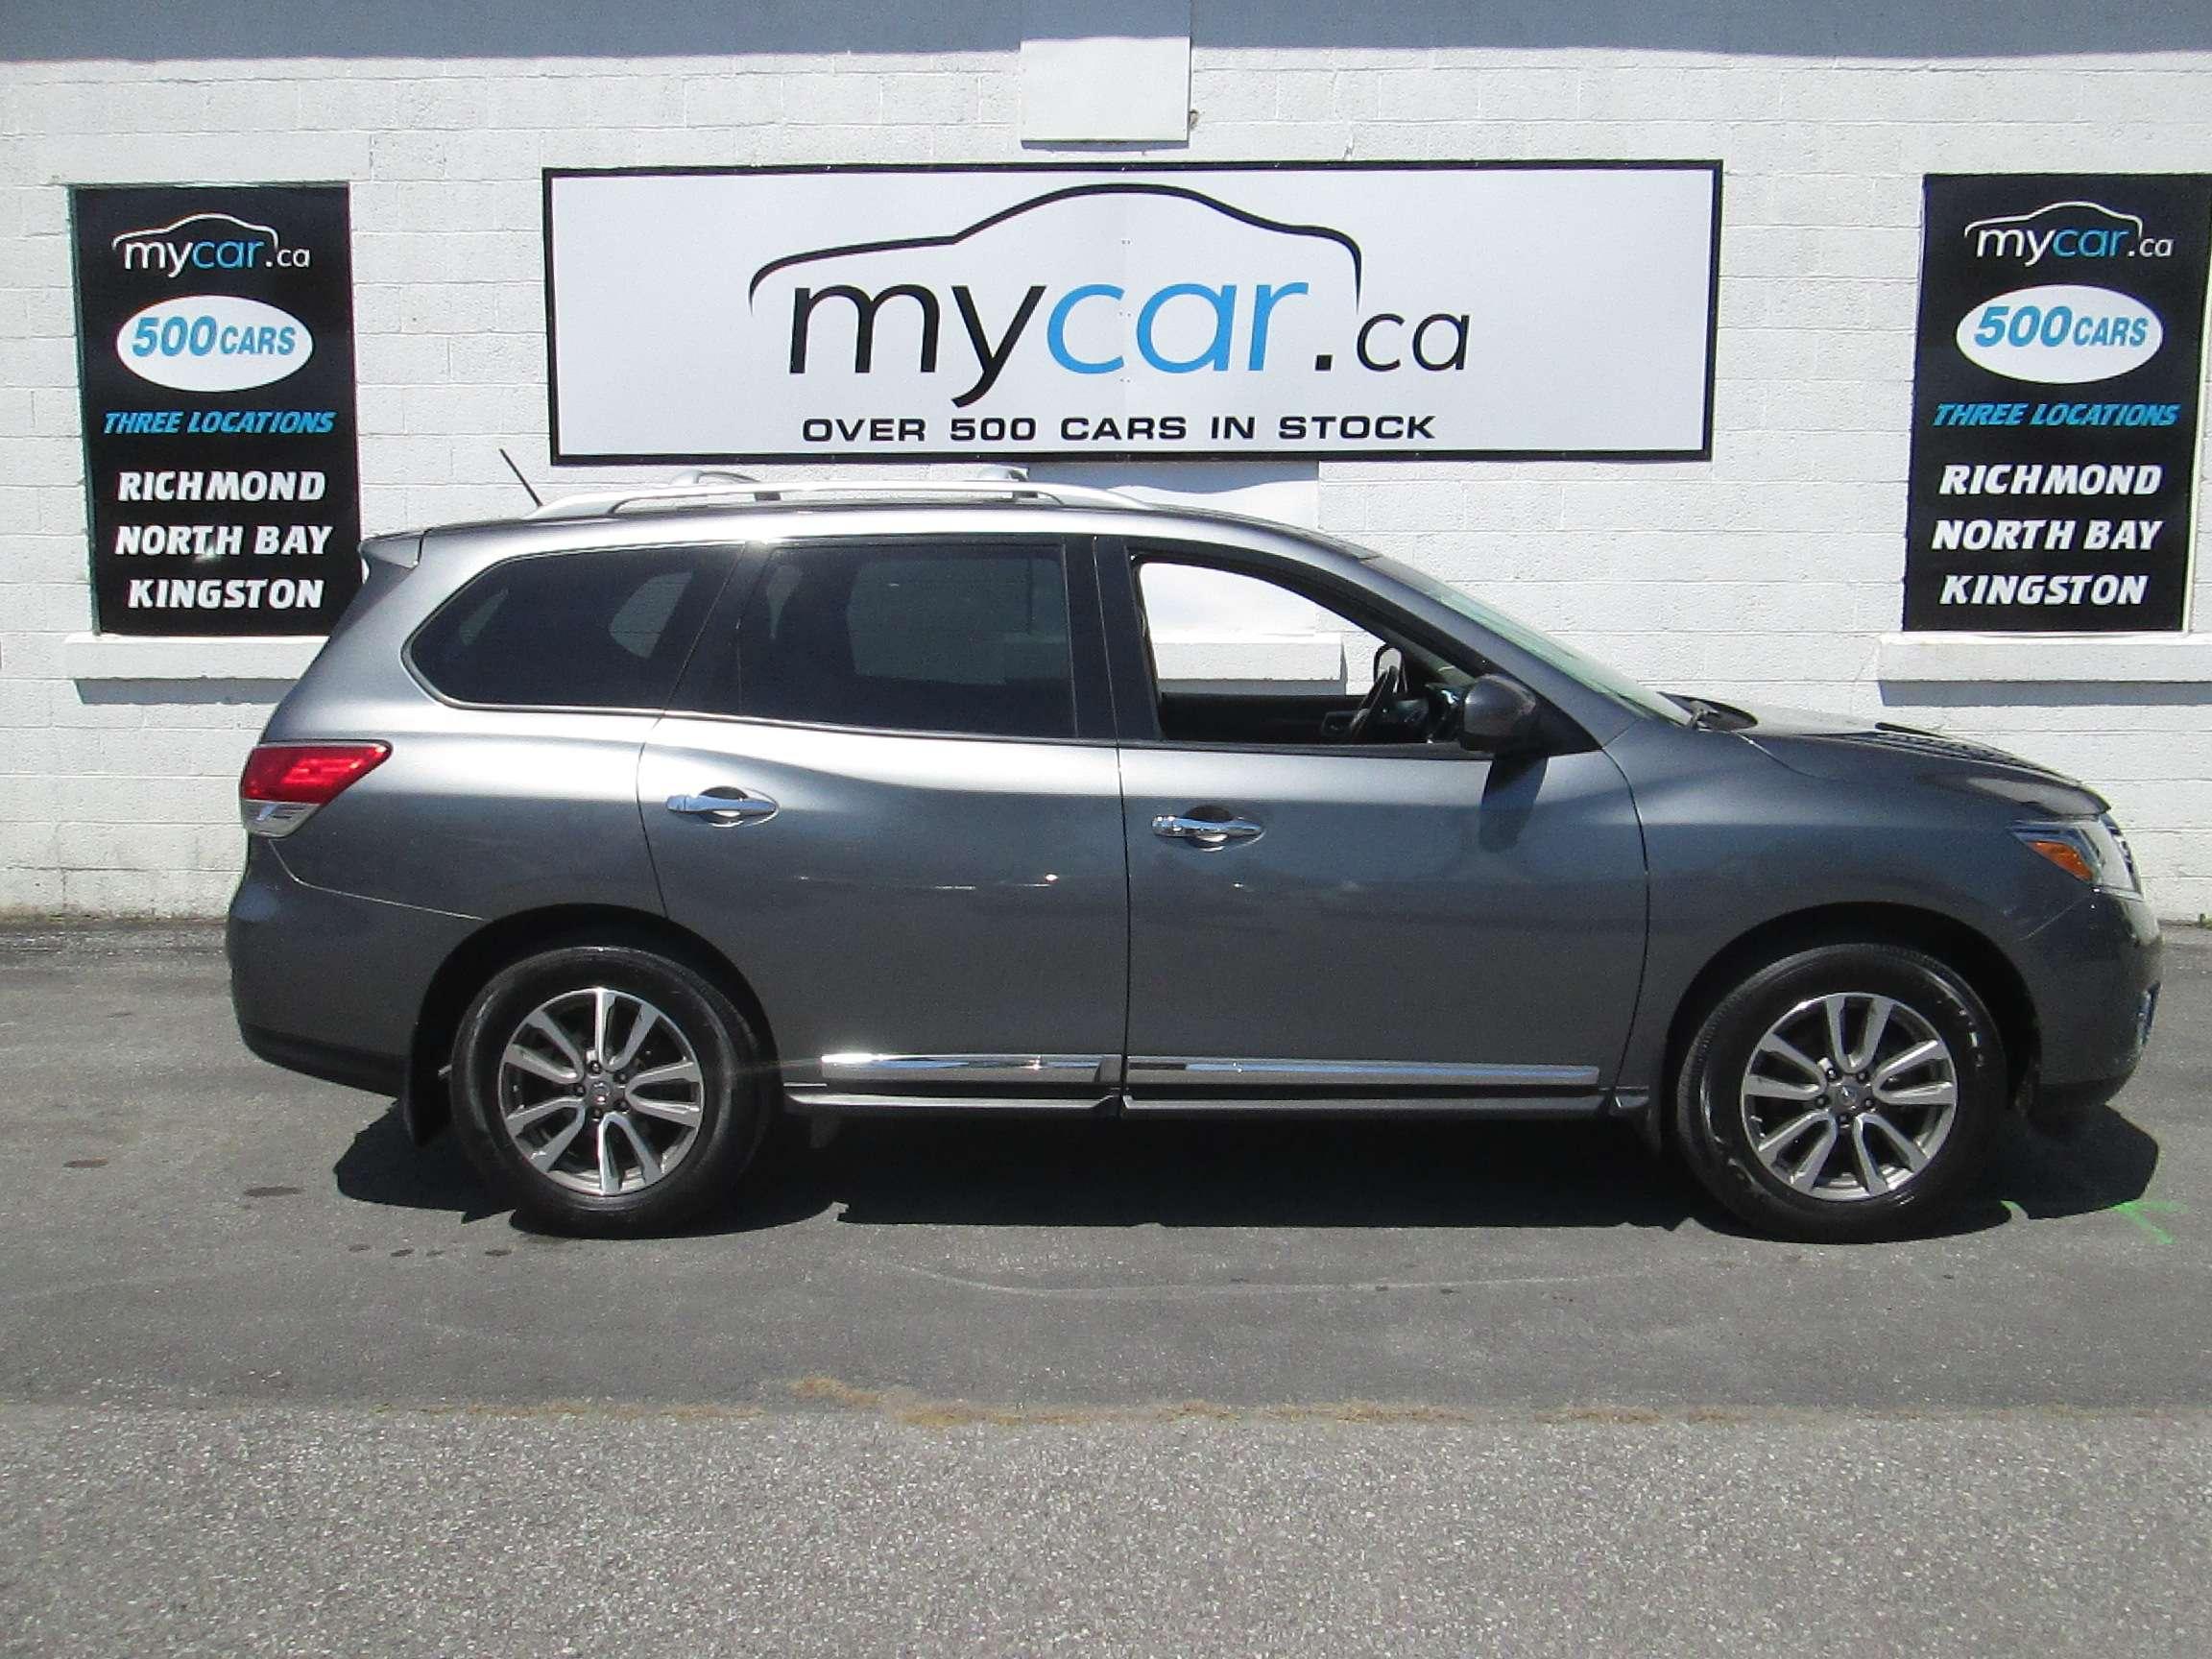 Used Nissan Pathfinder For Sale Ottawa ON CarGurus